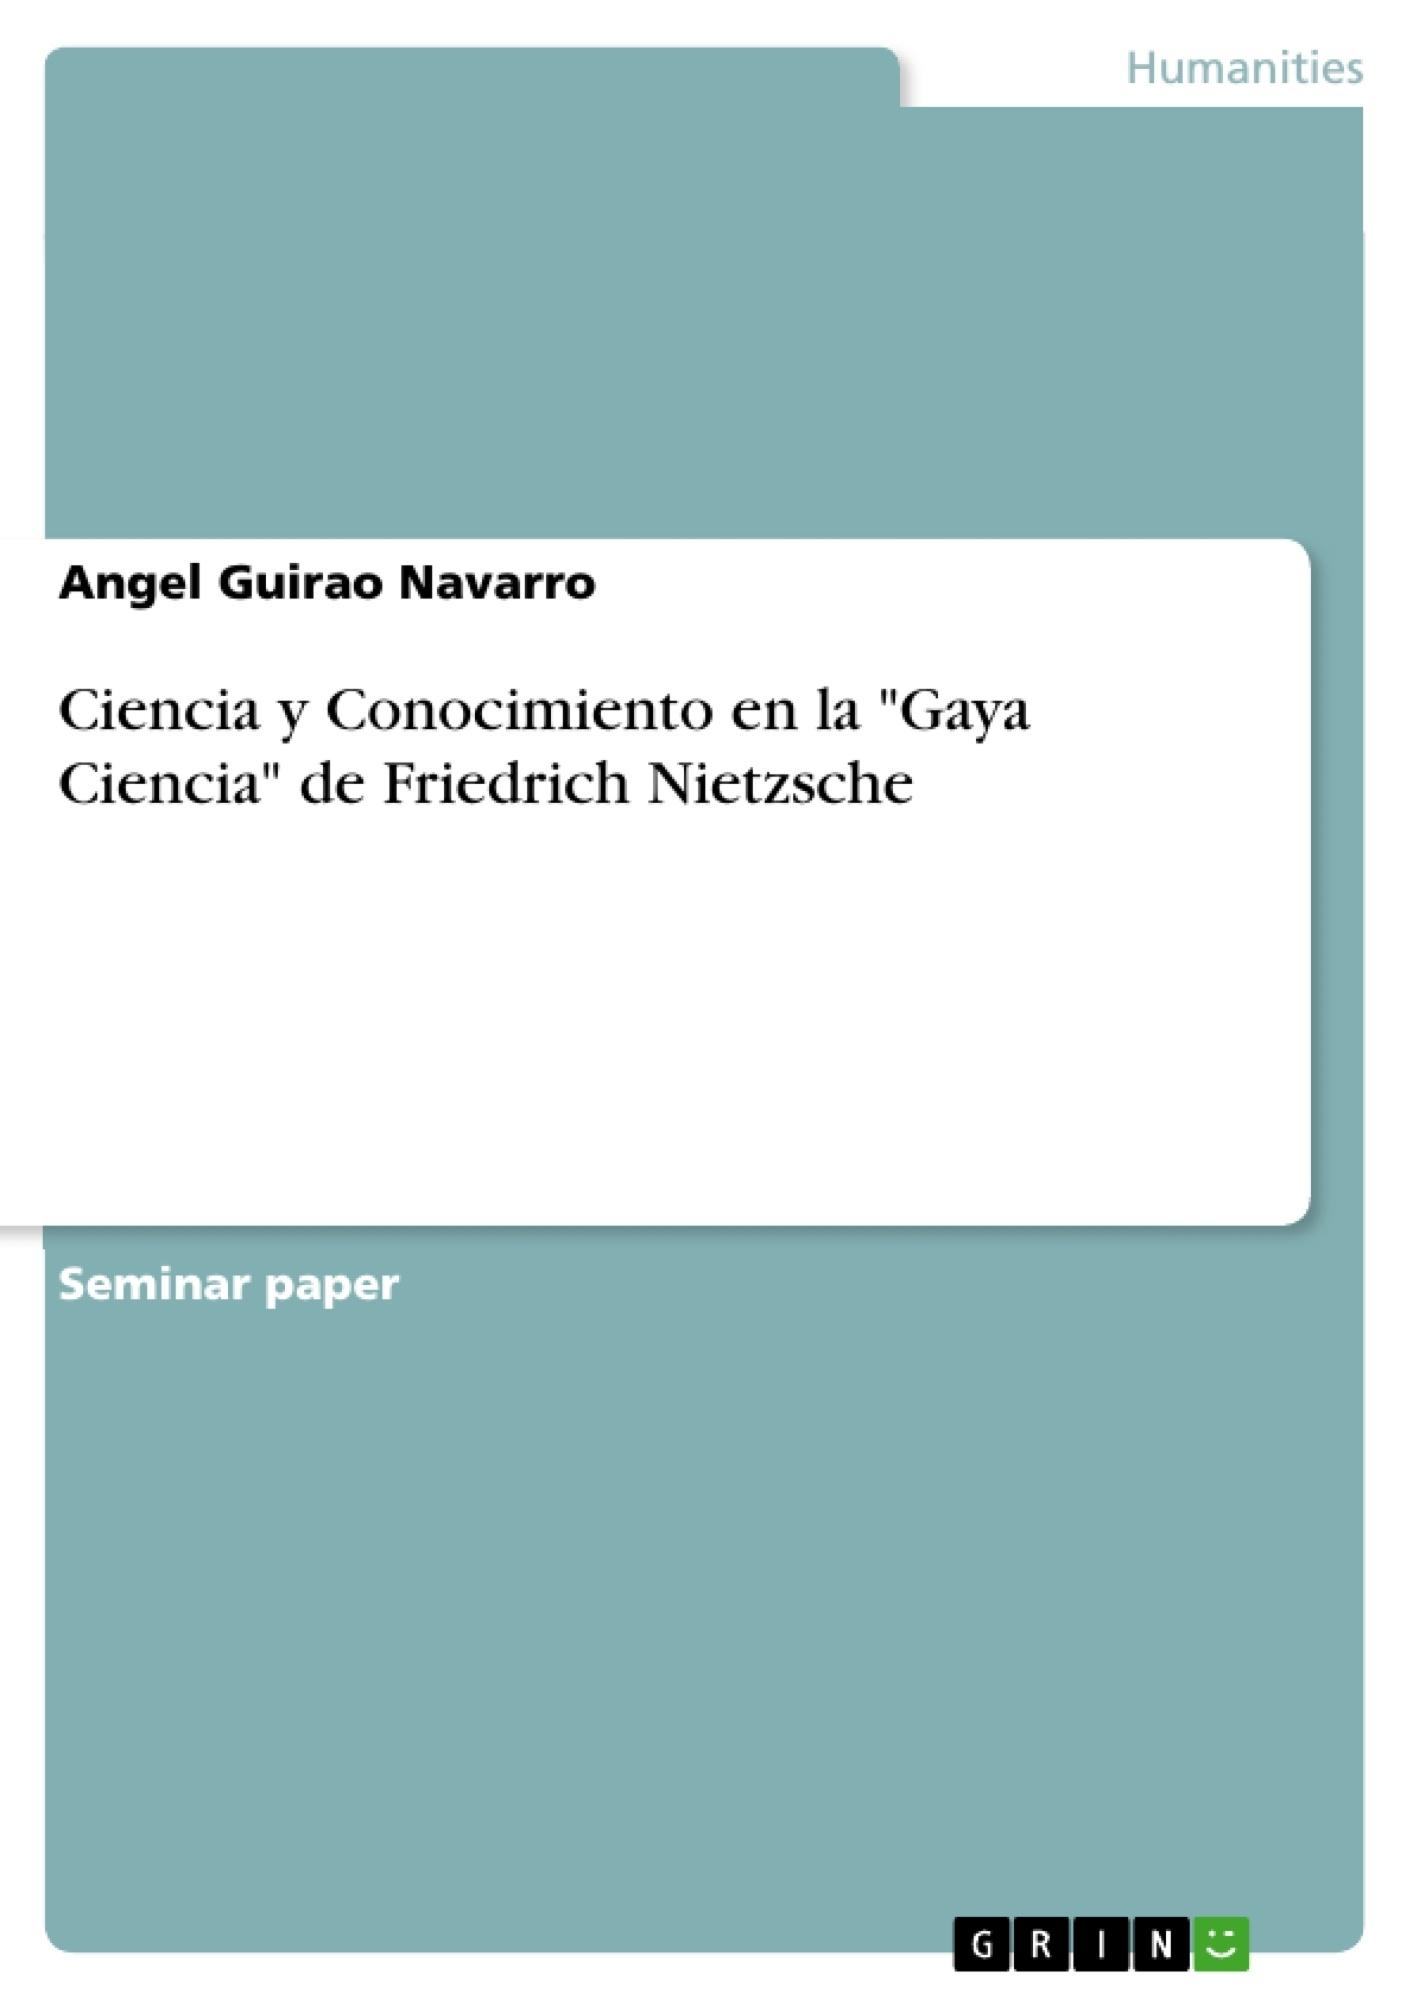 """Título: Ciencia y Conocimiento en la """"Gaya Ciencia"""" de Friedrich Nietzsche"""